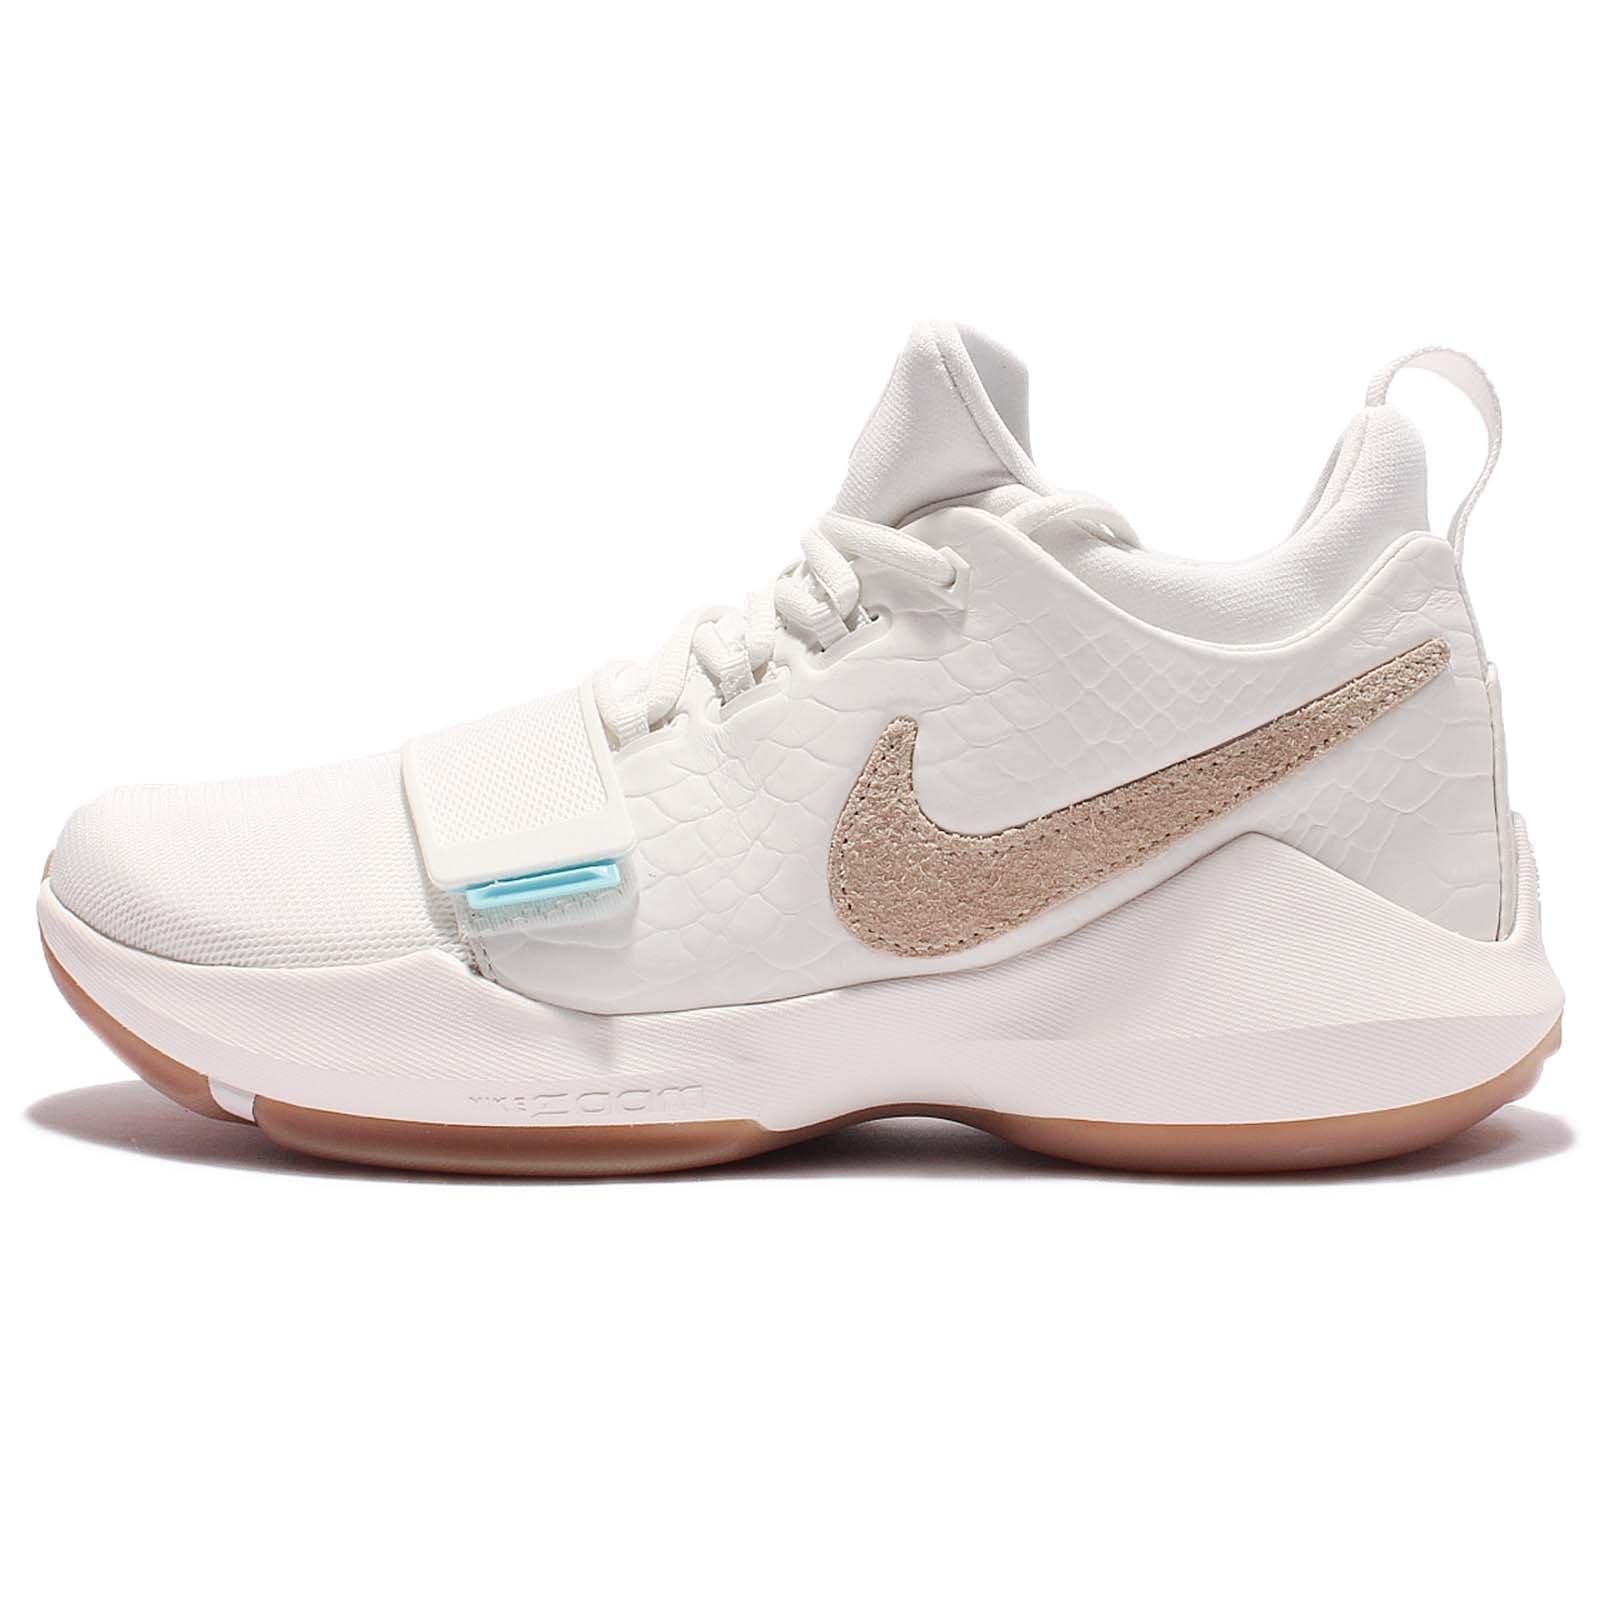 Nike Men's PG 1 EP, Ivory/Oatmeal-Gum Light Brown, 9 M US